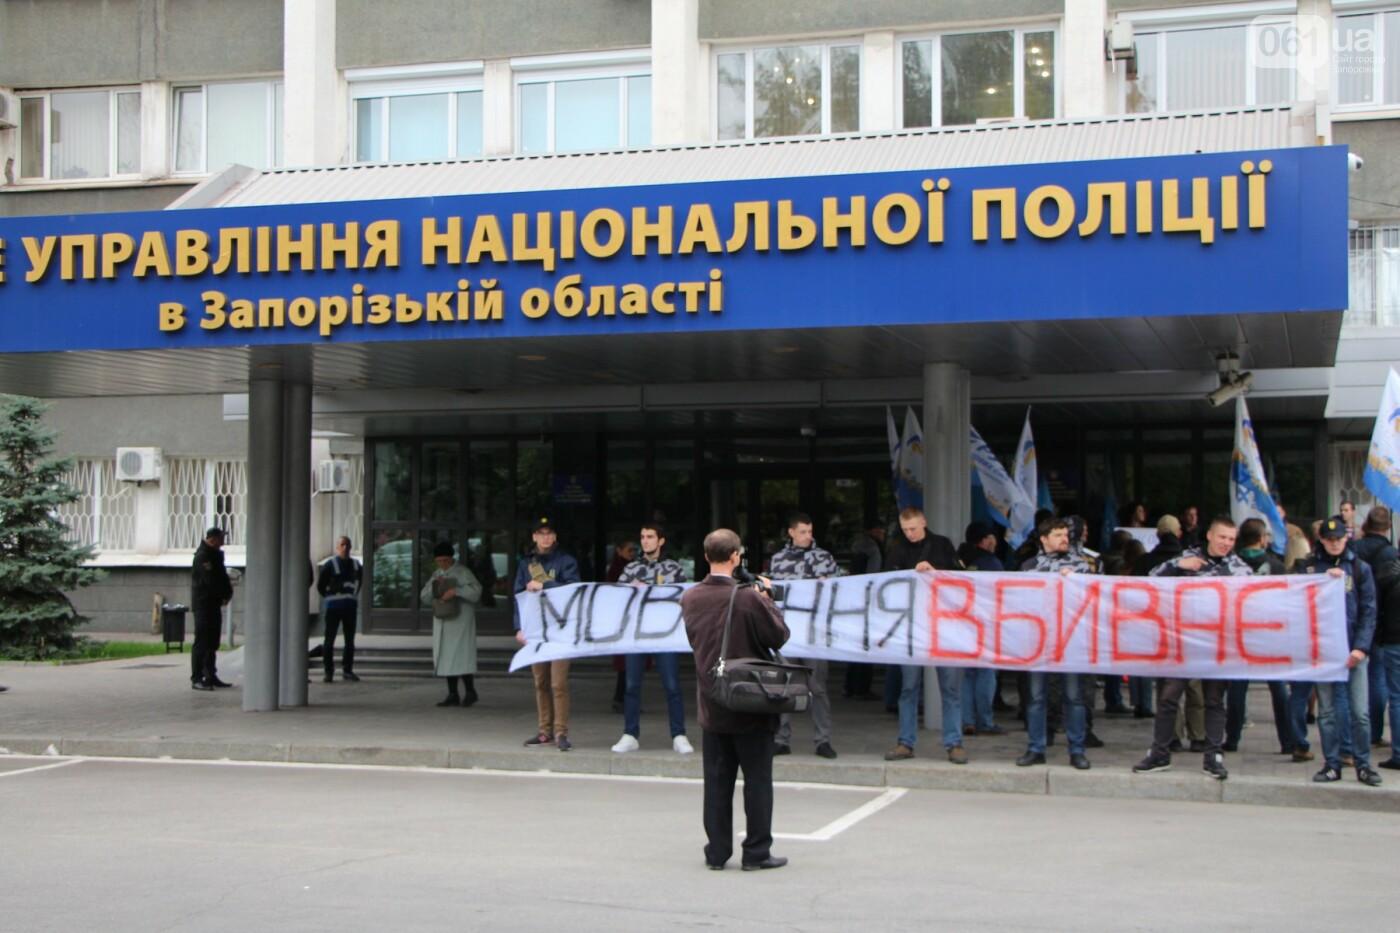 Активисты под прицелом: в Запорожье под зданием Нацполиции митинговали за расследование преступлений, - ФОТОРЕПОРТАЖ, фото-5